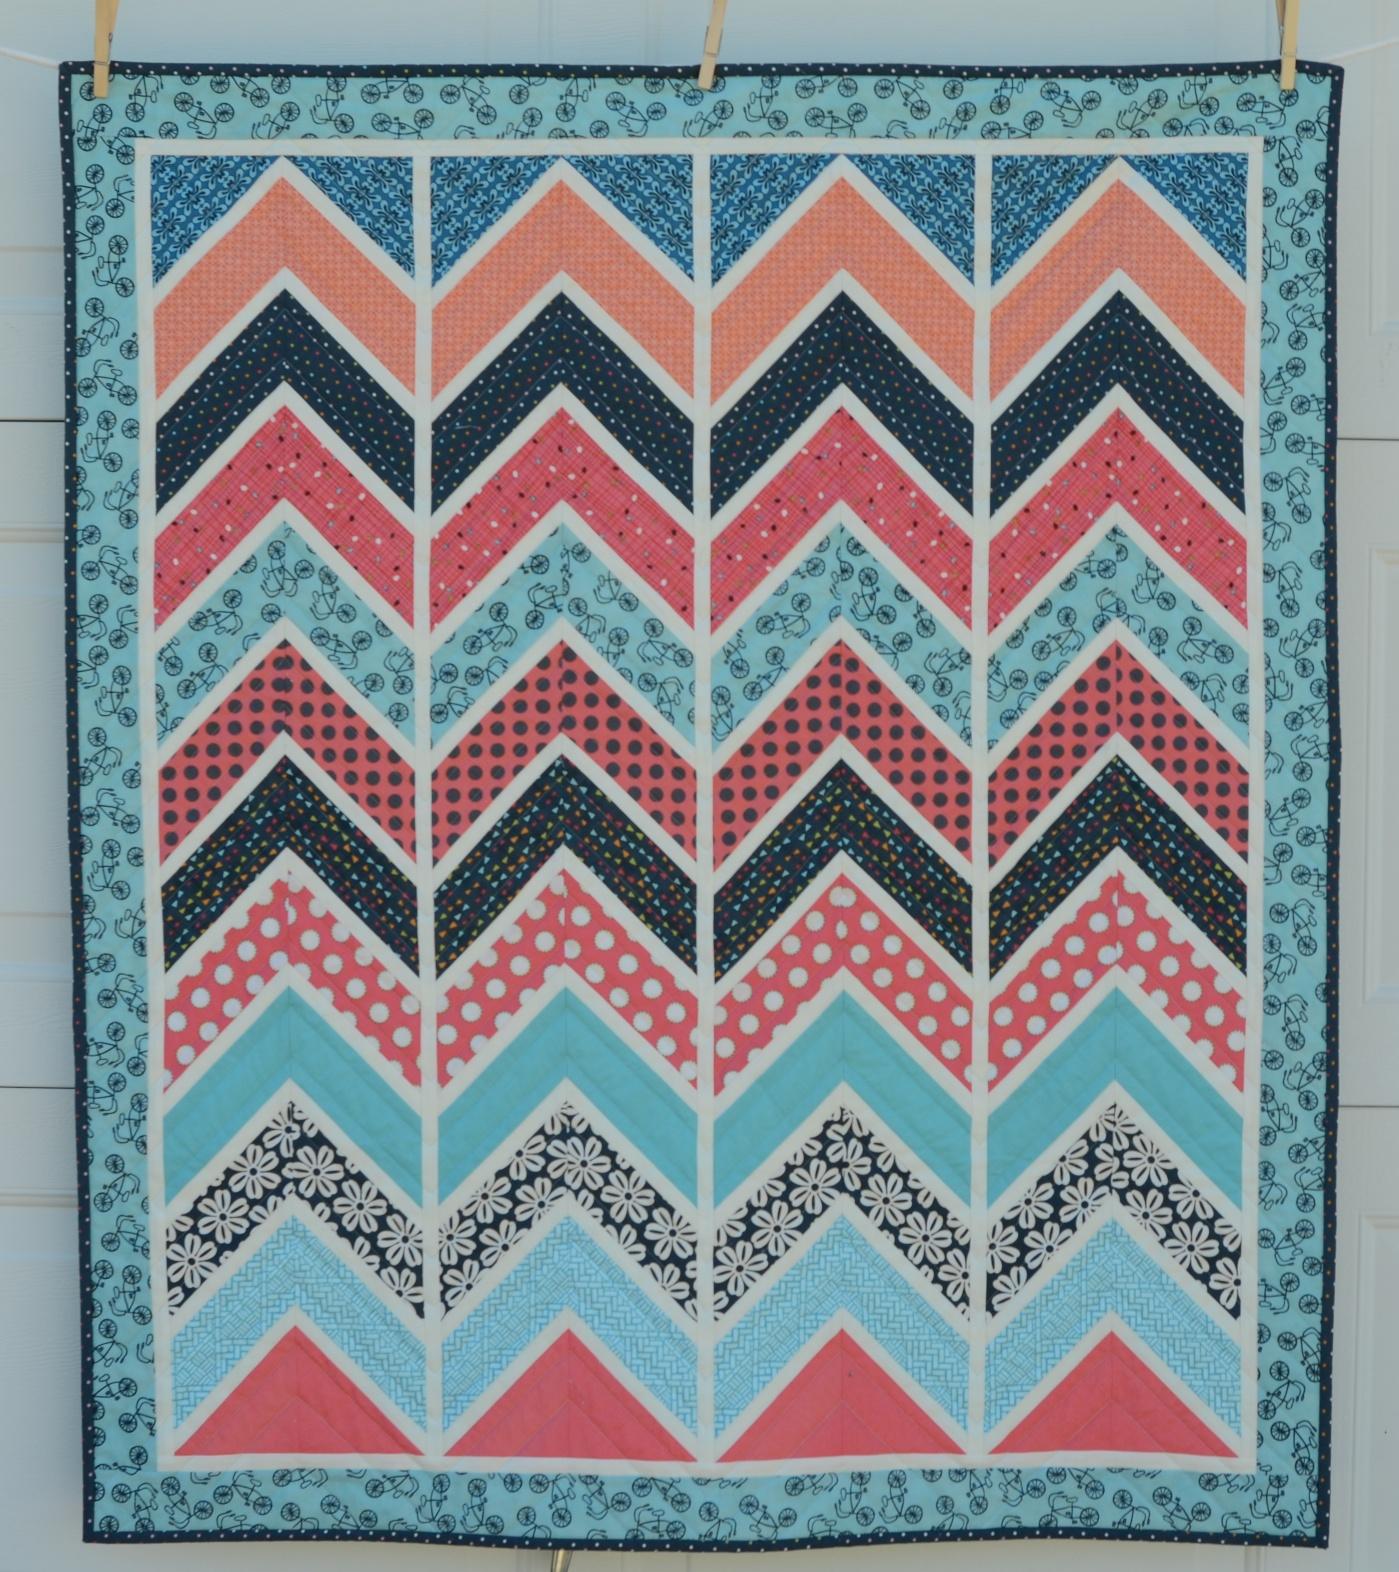 Hyacinth Quilt Designs Tutorials